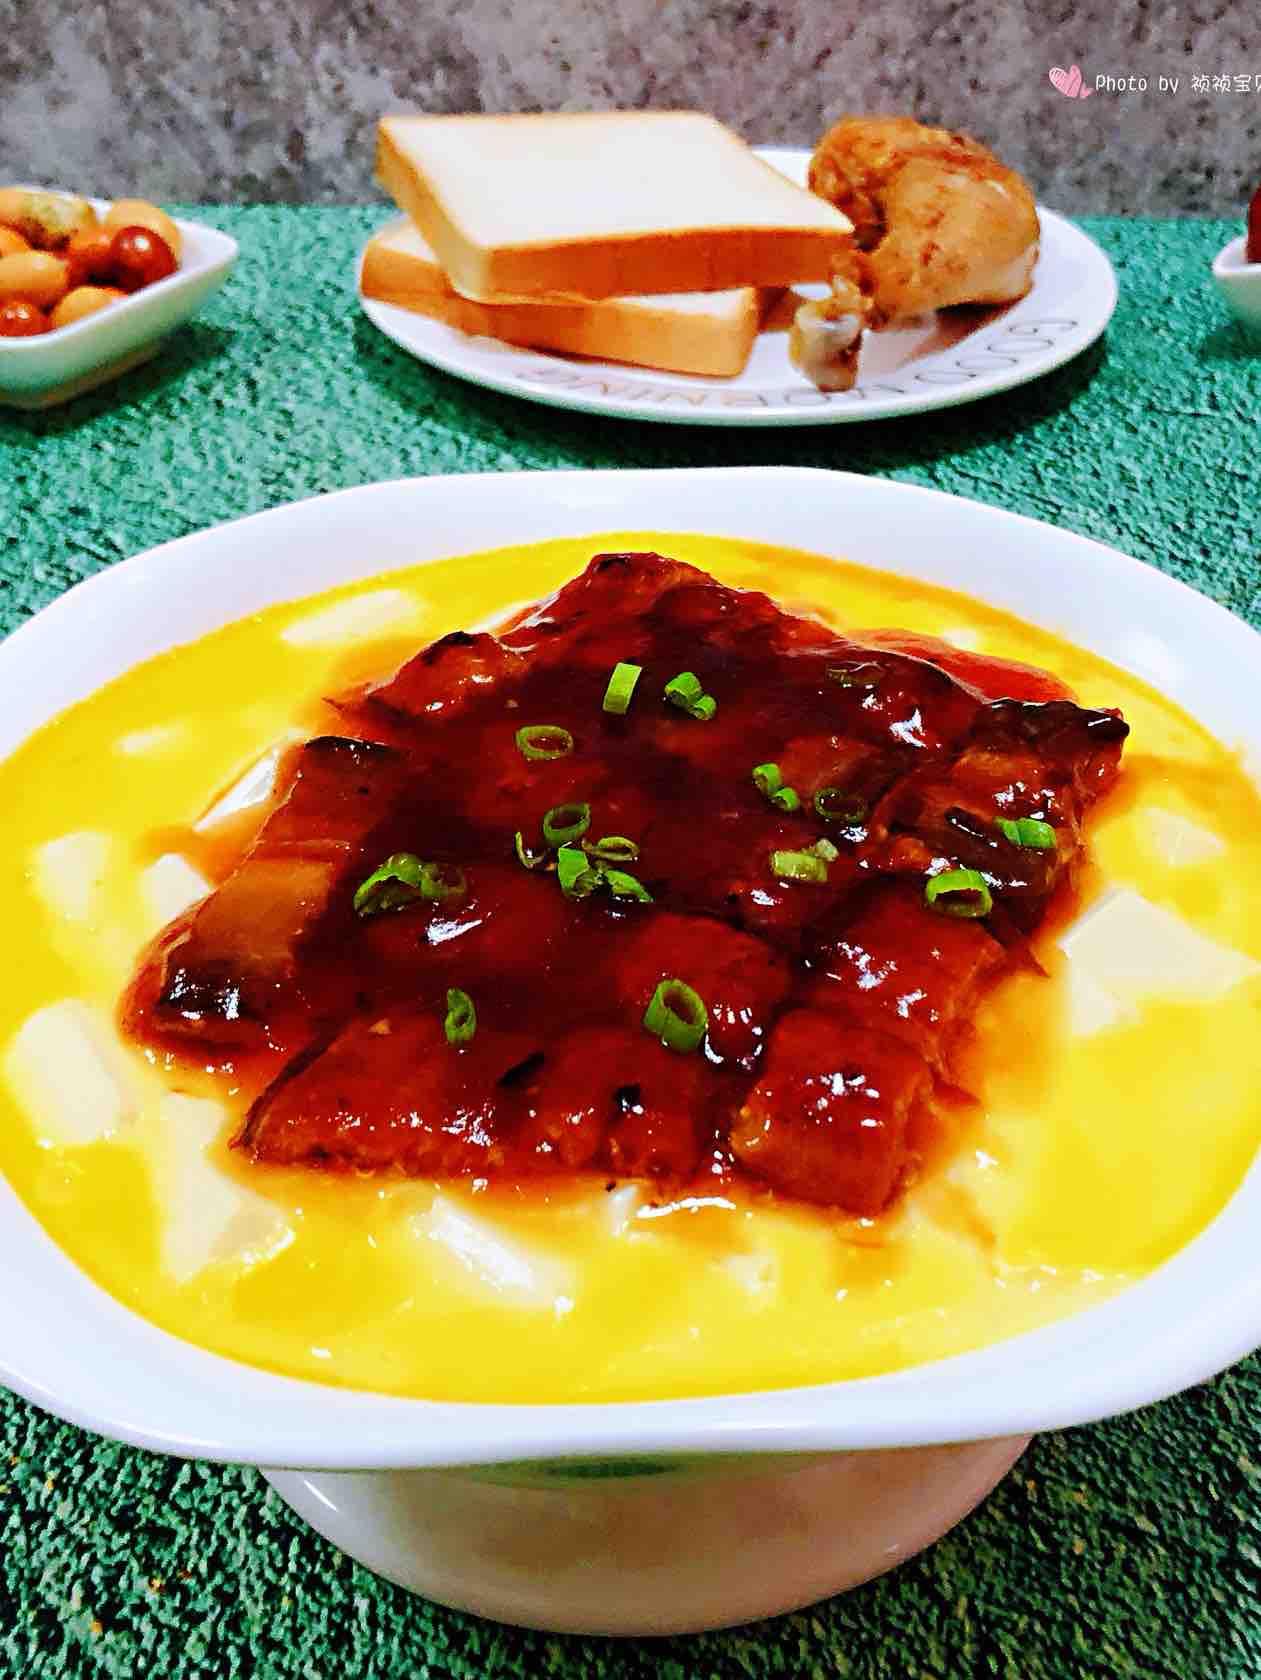 鳗鱼豆腐鸡蛋羹